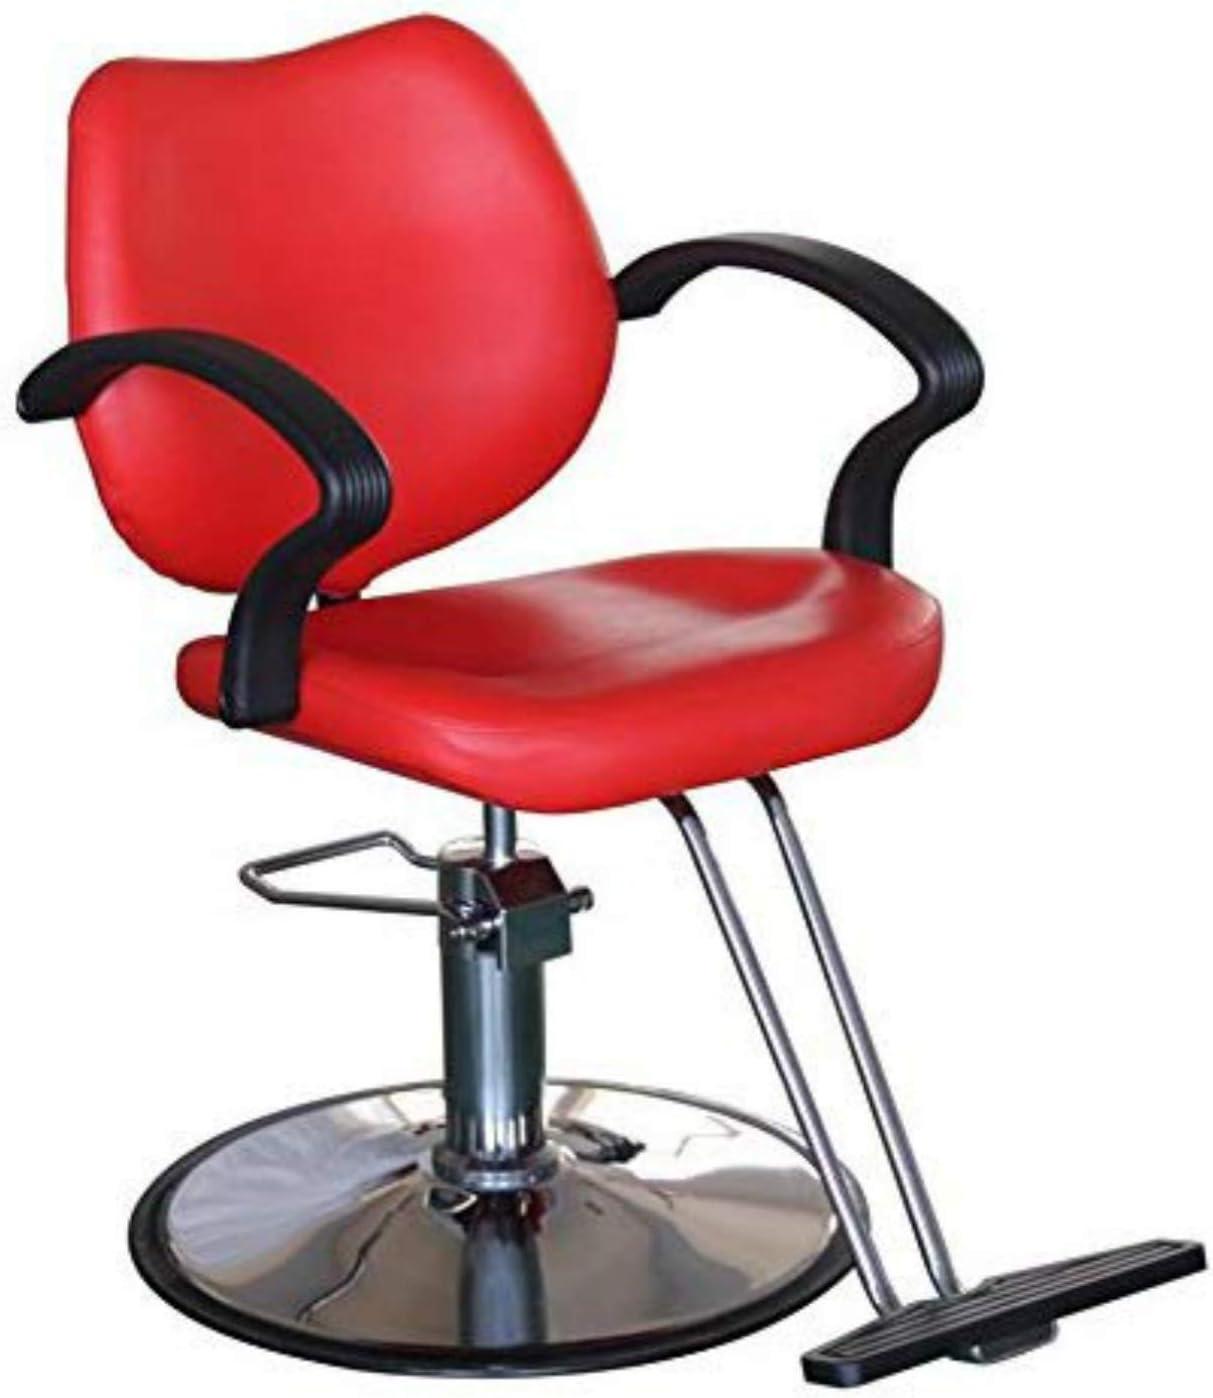 Salon Style Barber Chair Salon Chair for Hair Stylist Heavy Duty Tattoo Chair Shampoo Beauty Salon Equipment